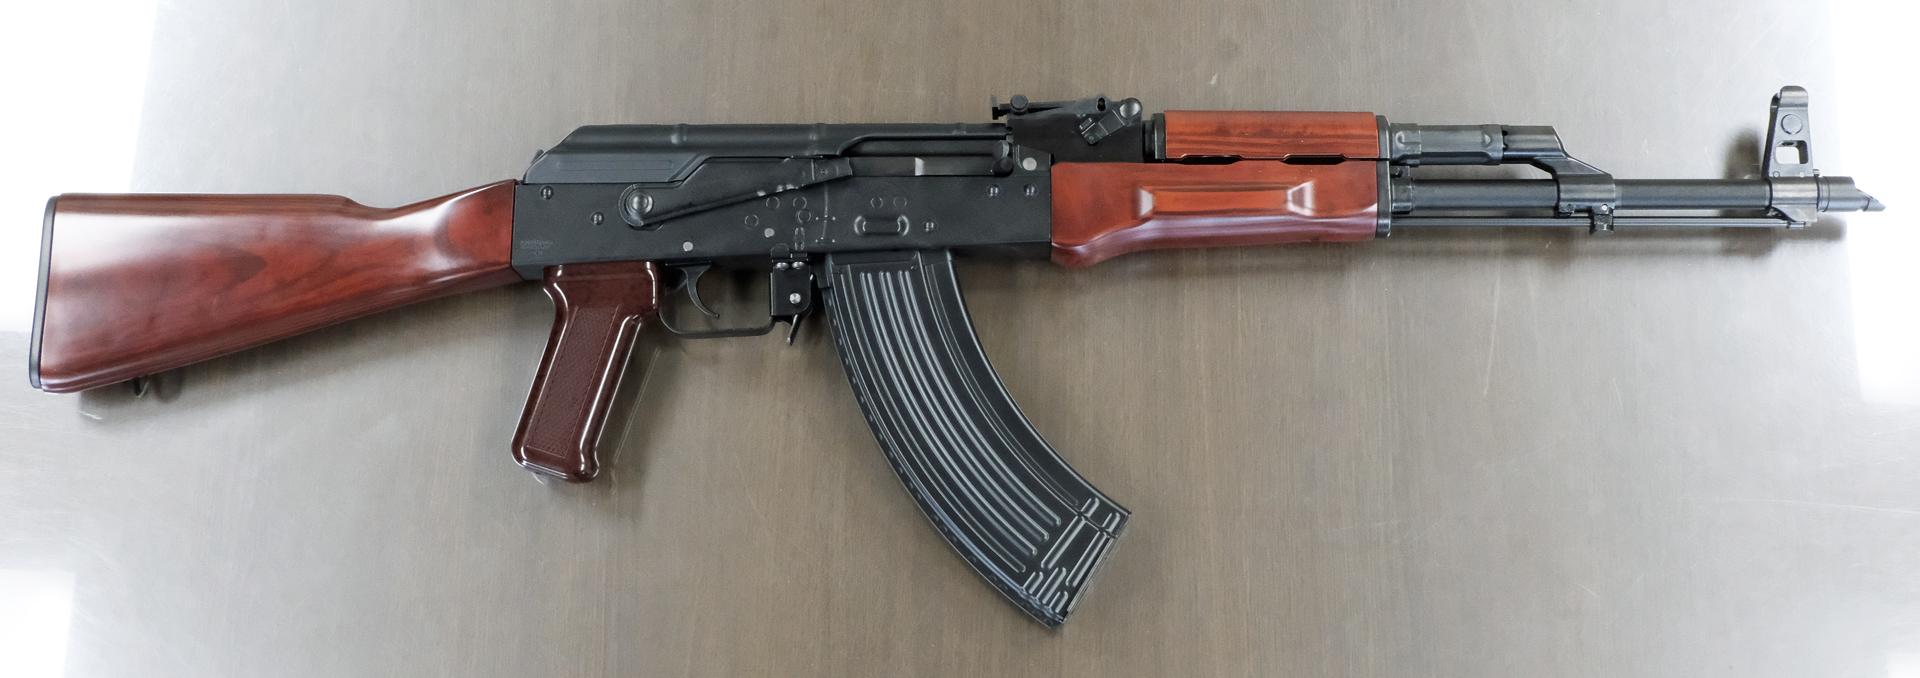 無可動実銃や膨大な資料から作られたガスブローバックマシンガン「AKM」。話を聞いていくとその再現度に驚かされる